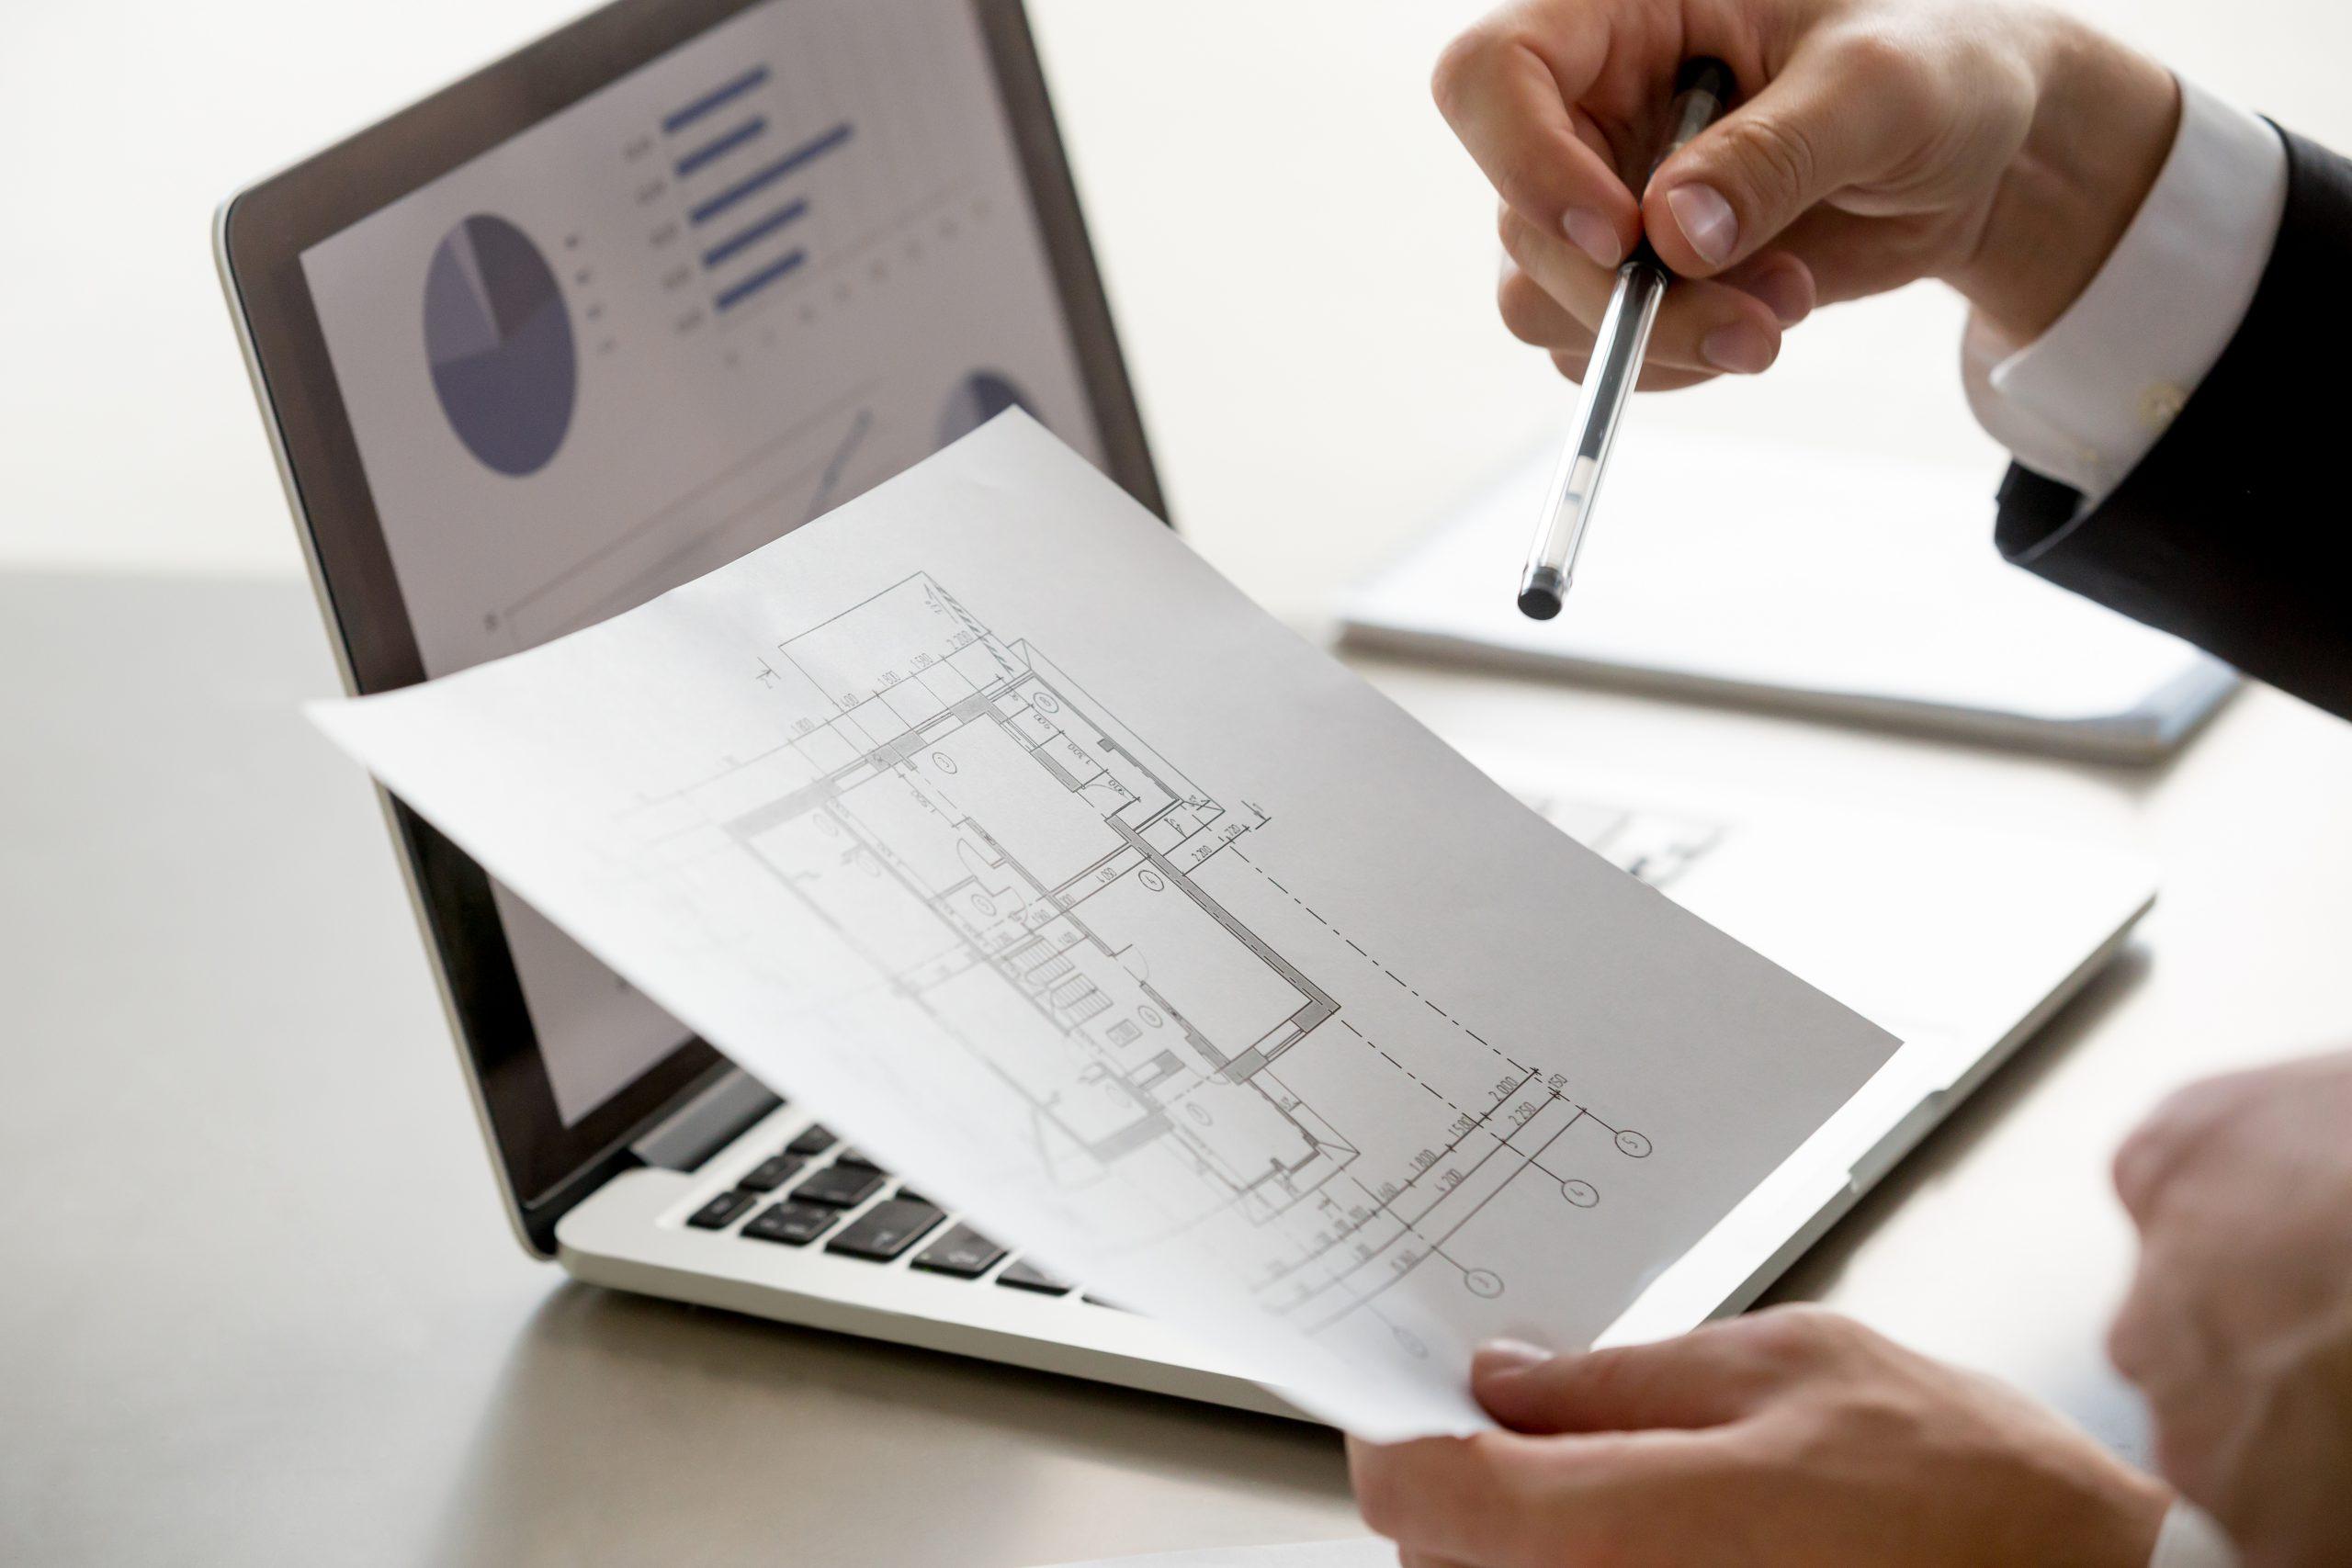 Rental apartment data visual